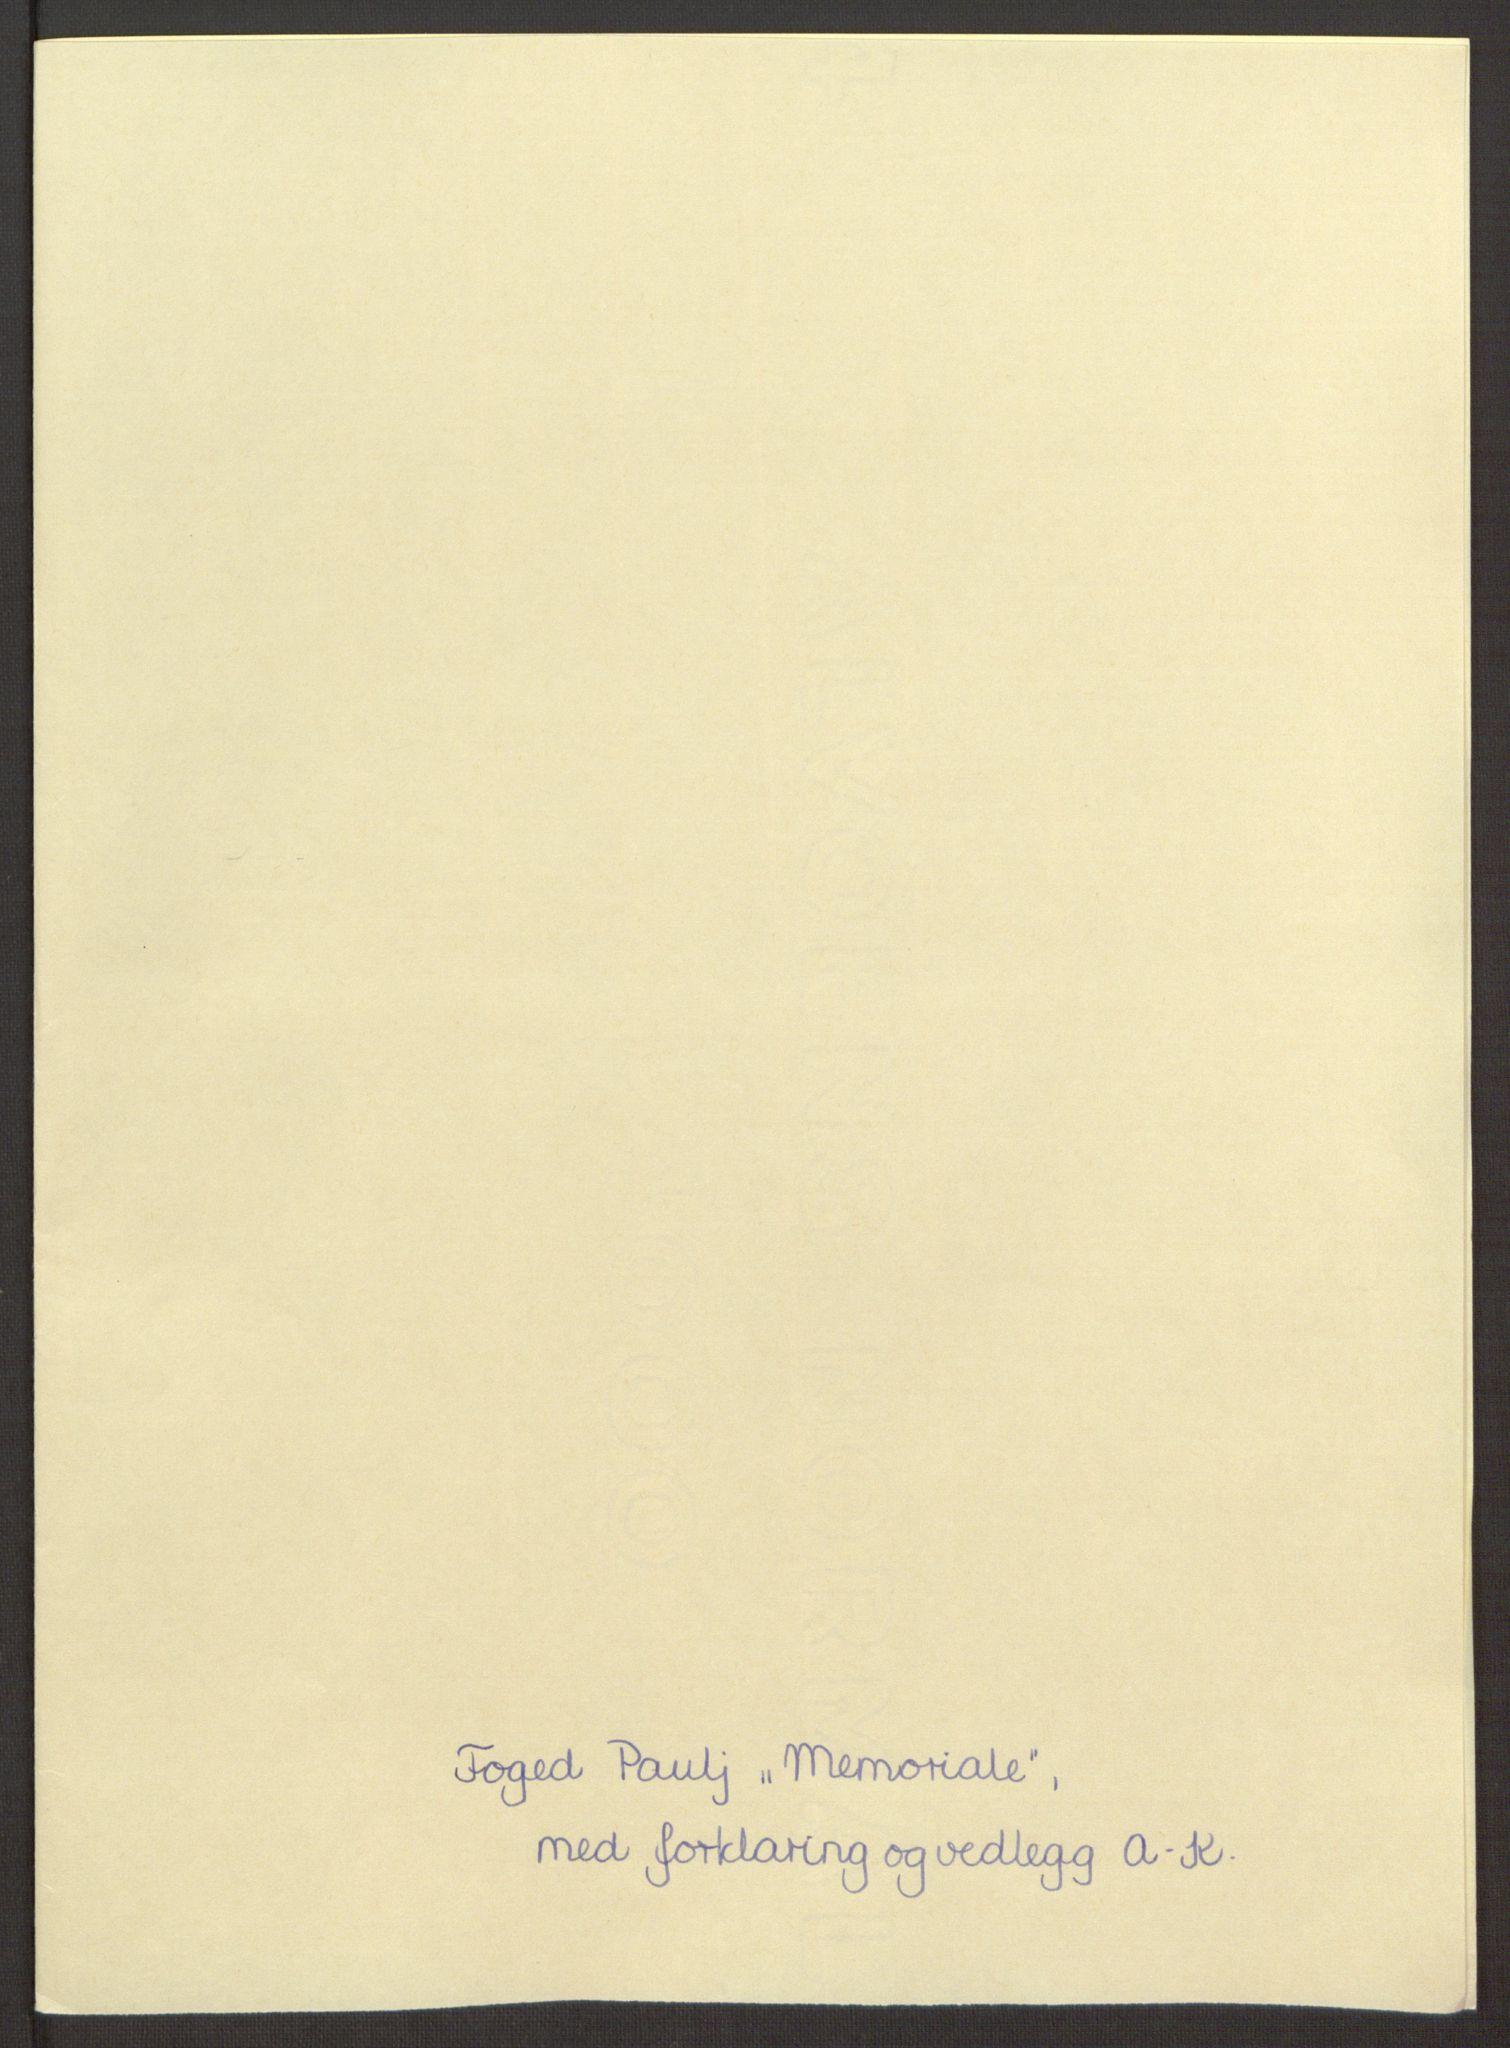 RA, Rentekammeret inntil 1814, Reviderte regnskaper, Fogderegnskap, R35/L2062: Fogderegnskap Øvre og Nedre Telemark, 1674, s. 413